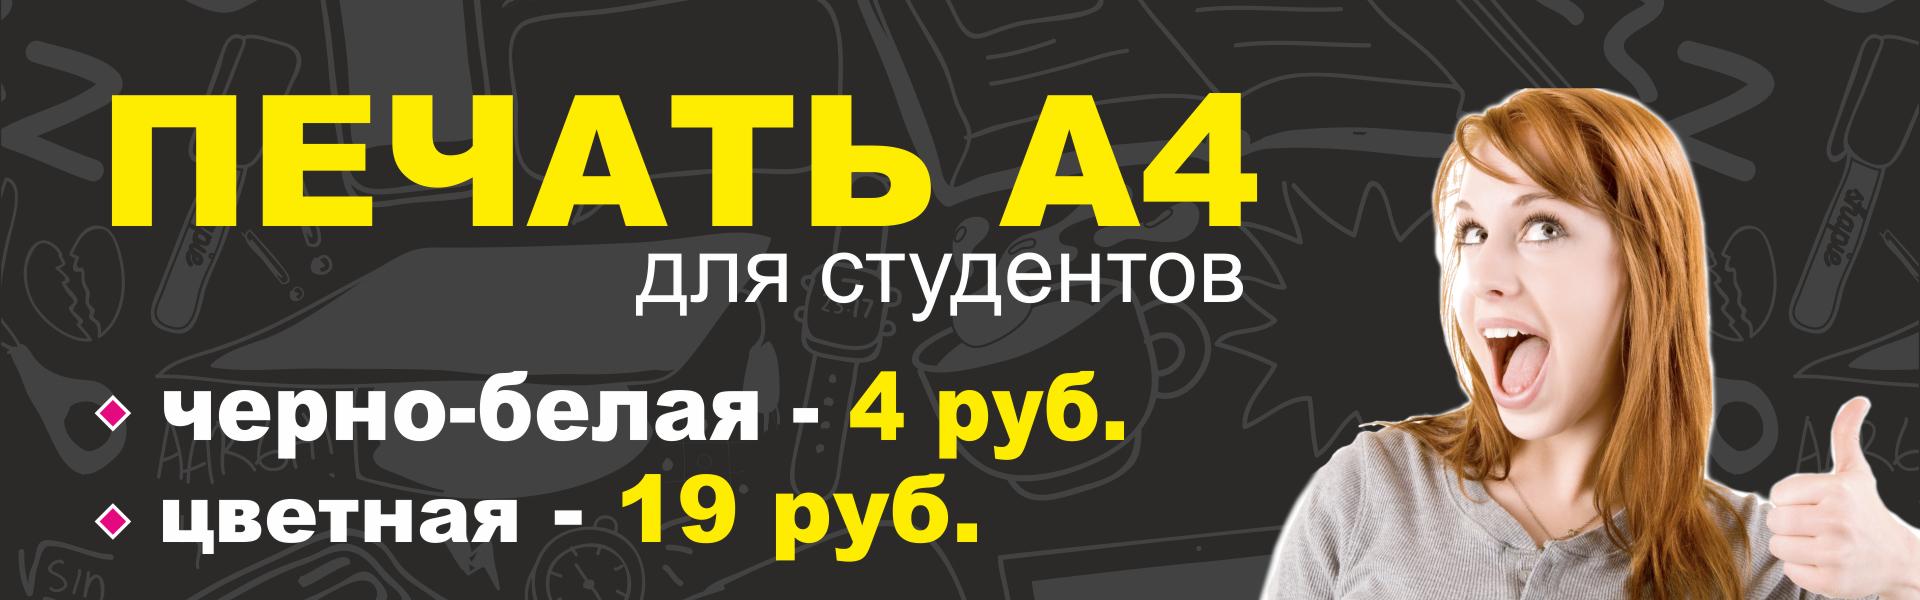 Печать А4 для студентов акция